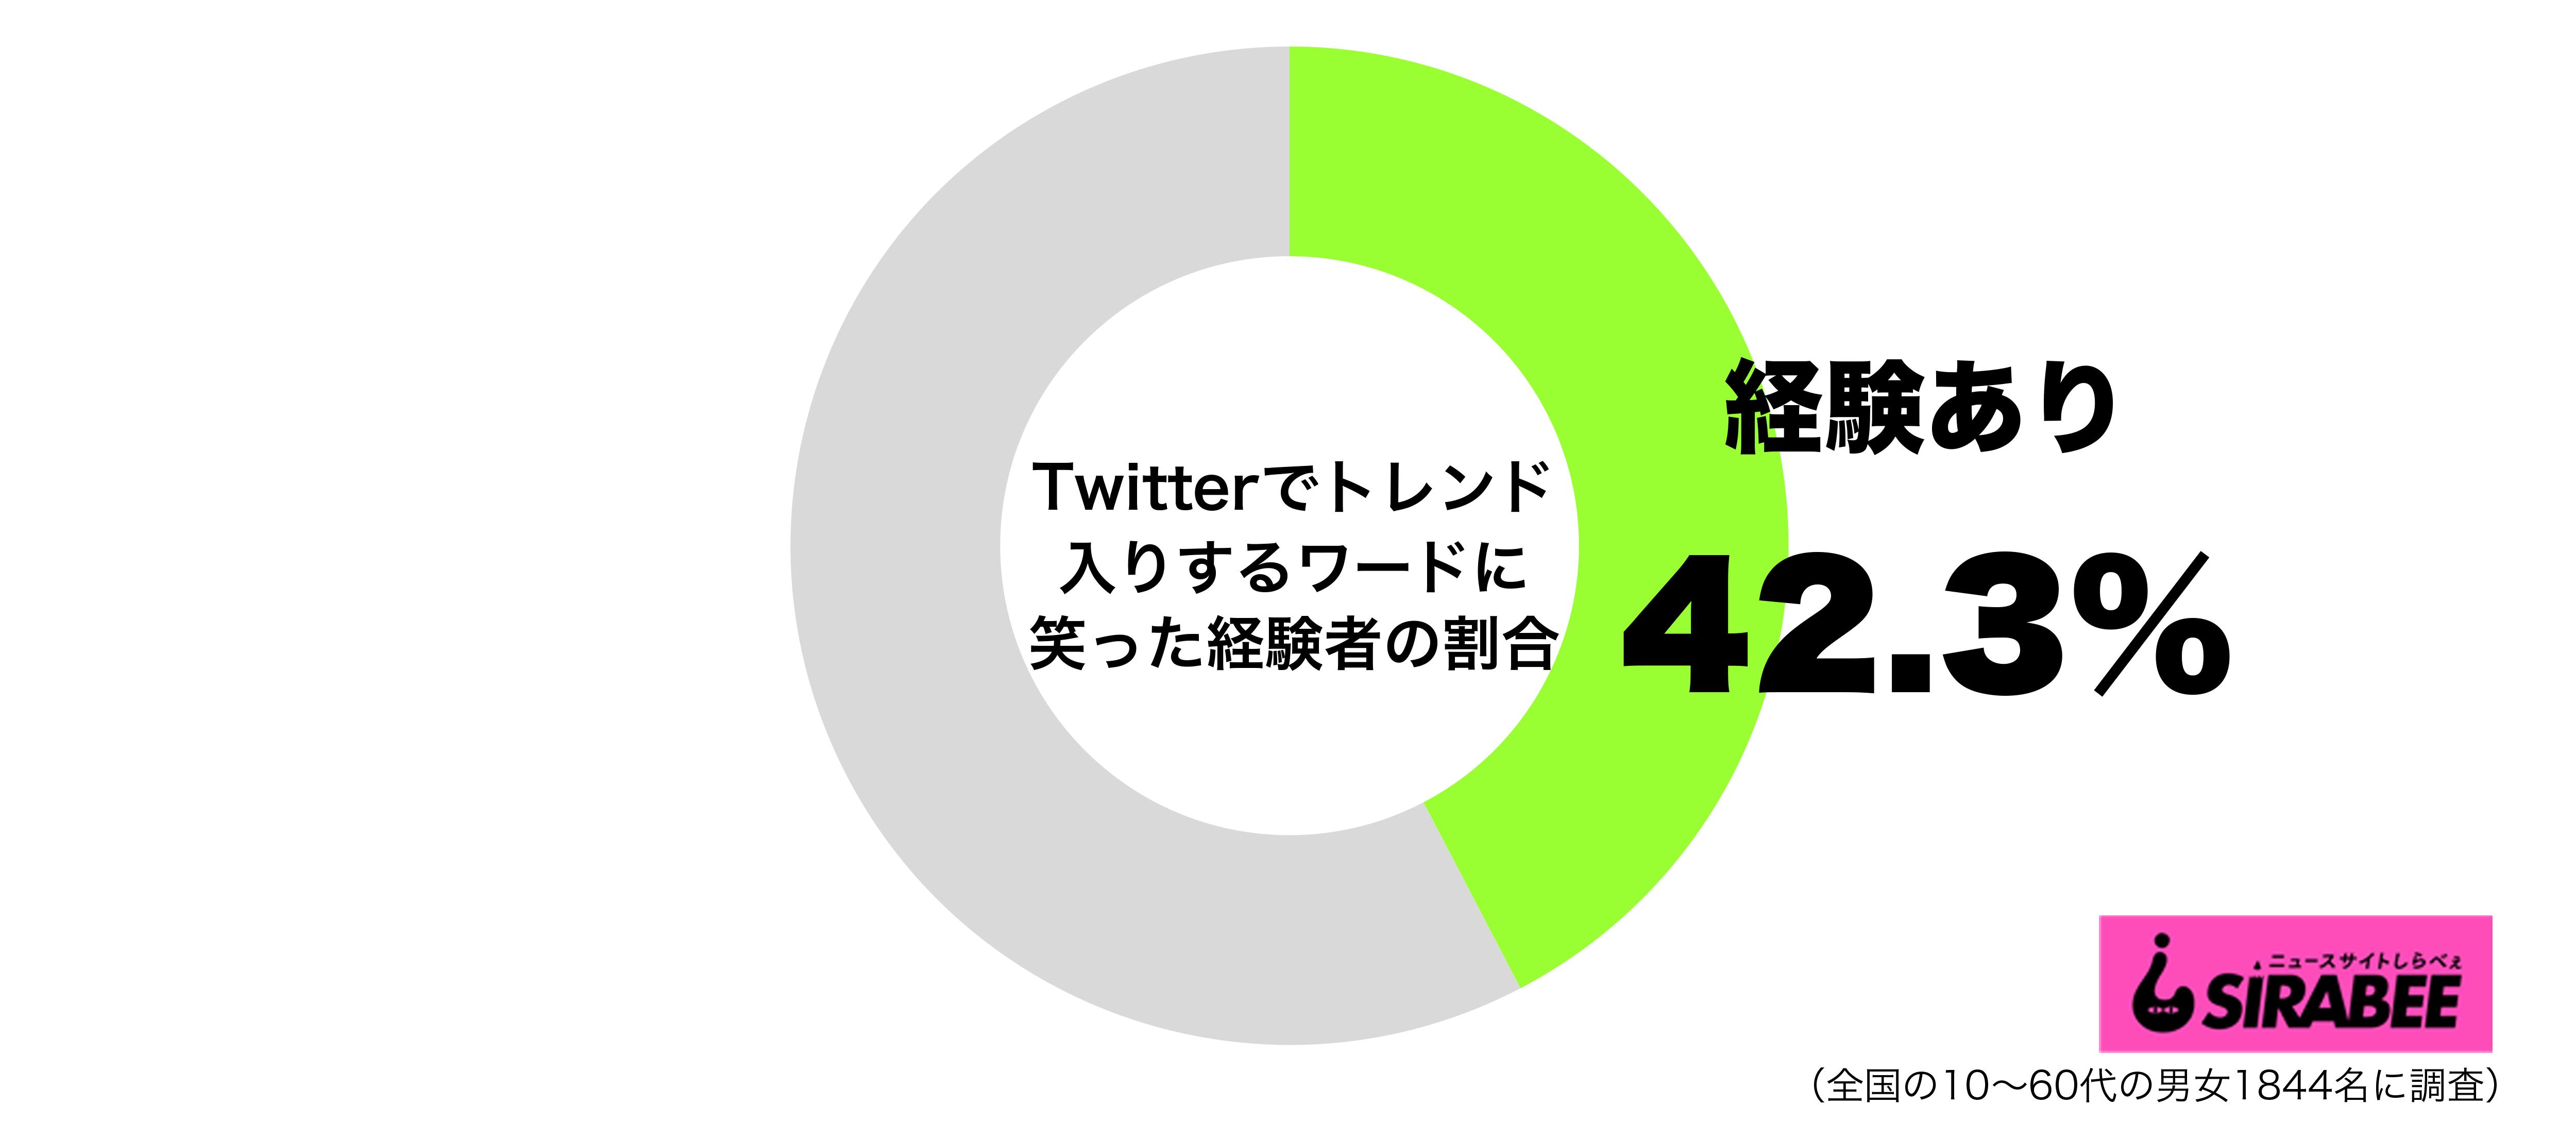 Twitterでトレンド入りするワードに笑った経験があるグラフ